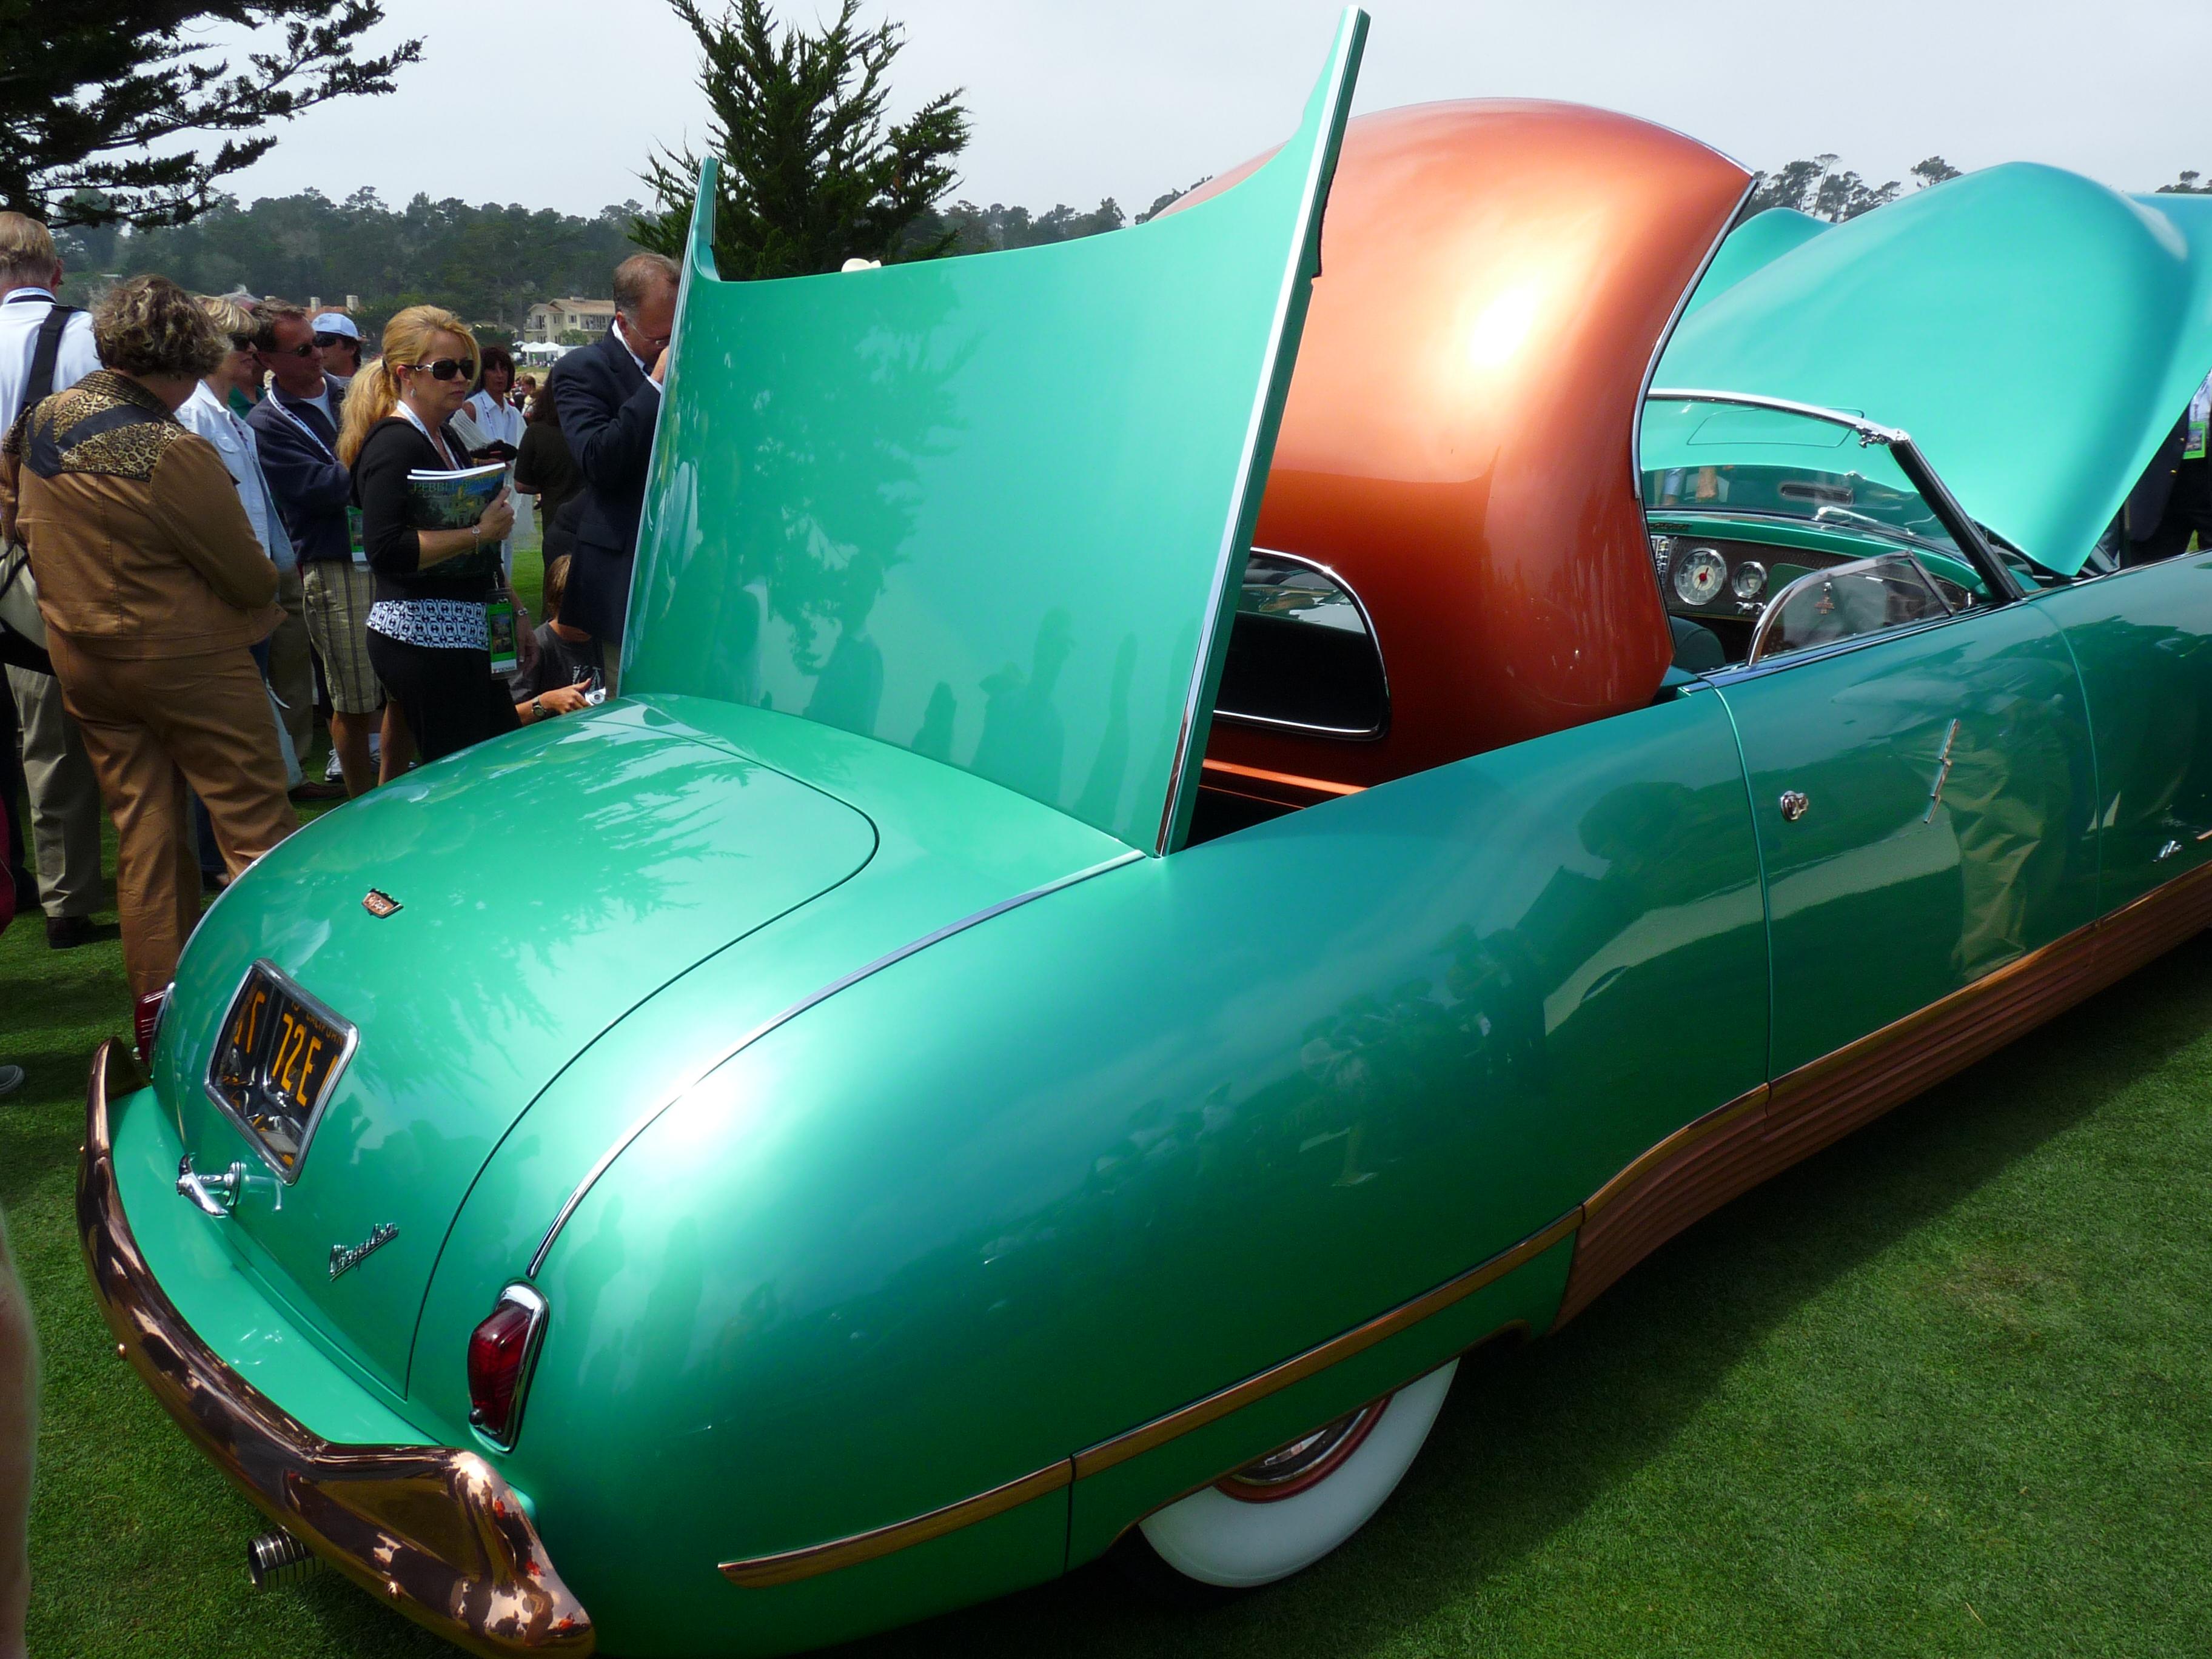 File:Chrystler Thunderbolt show car (3828519797) jpg